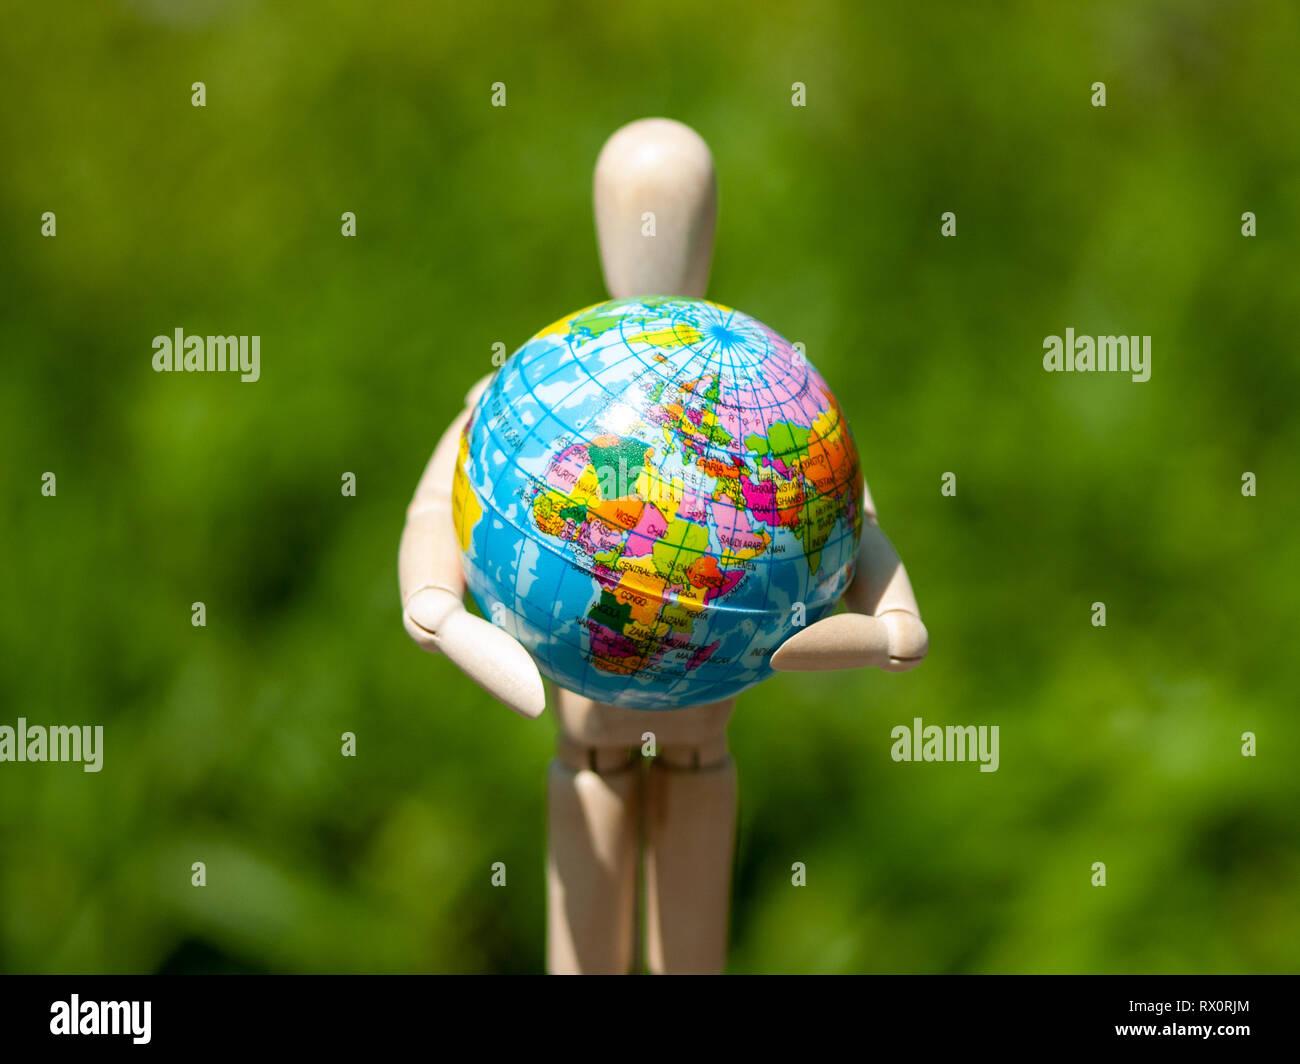 Un manichino di legno con una sfera del mondo nelle sue braccia. Concetto di ecologia, la globalizzazione Immagini Stock